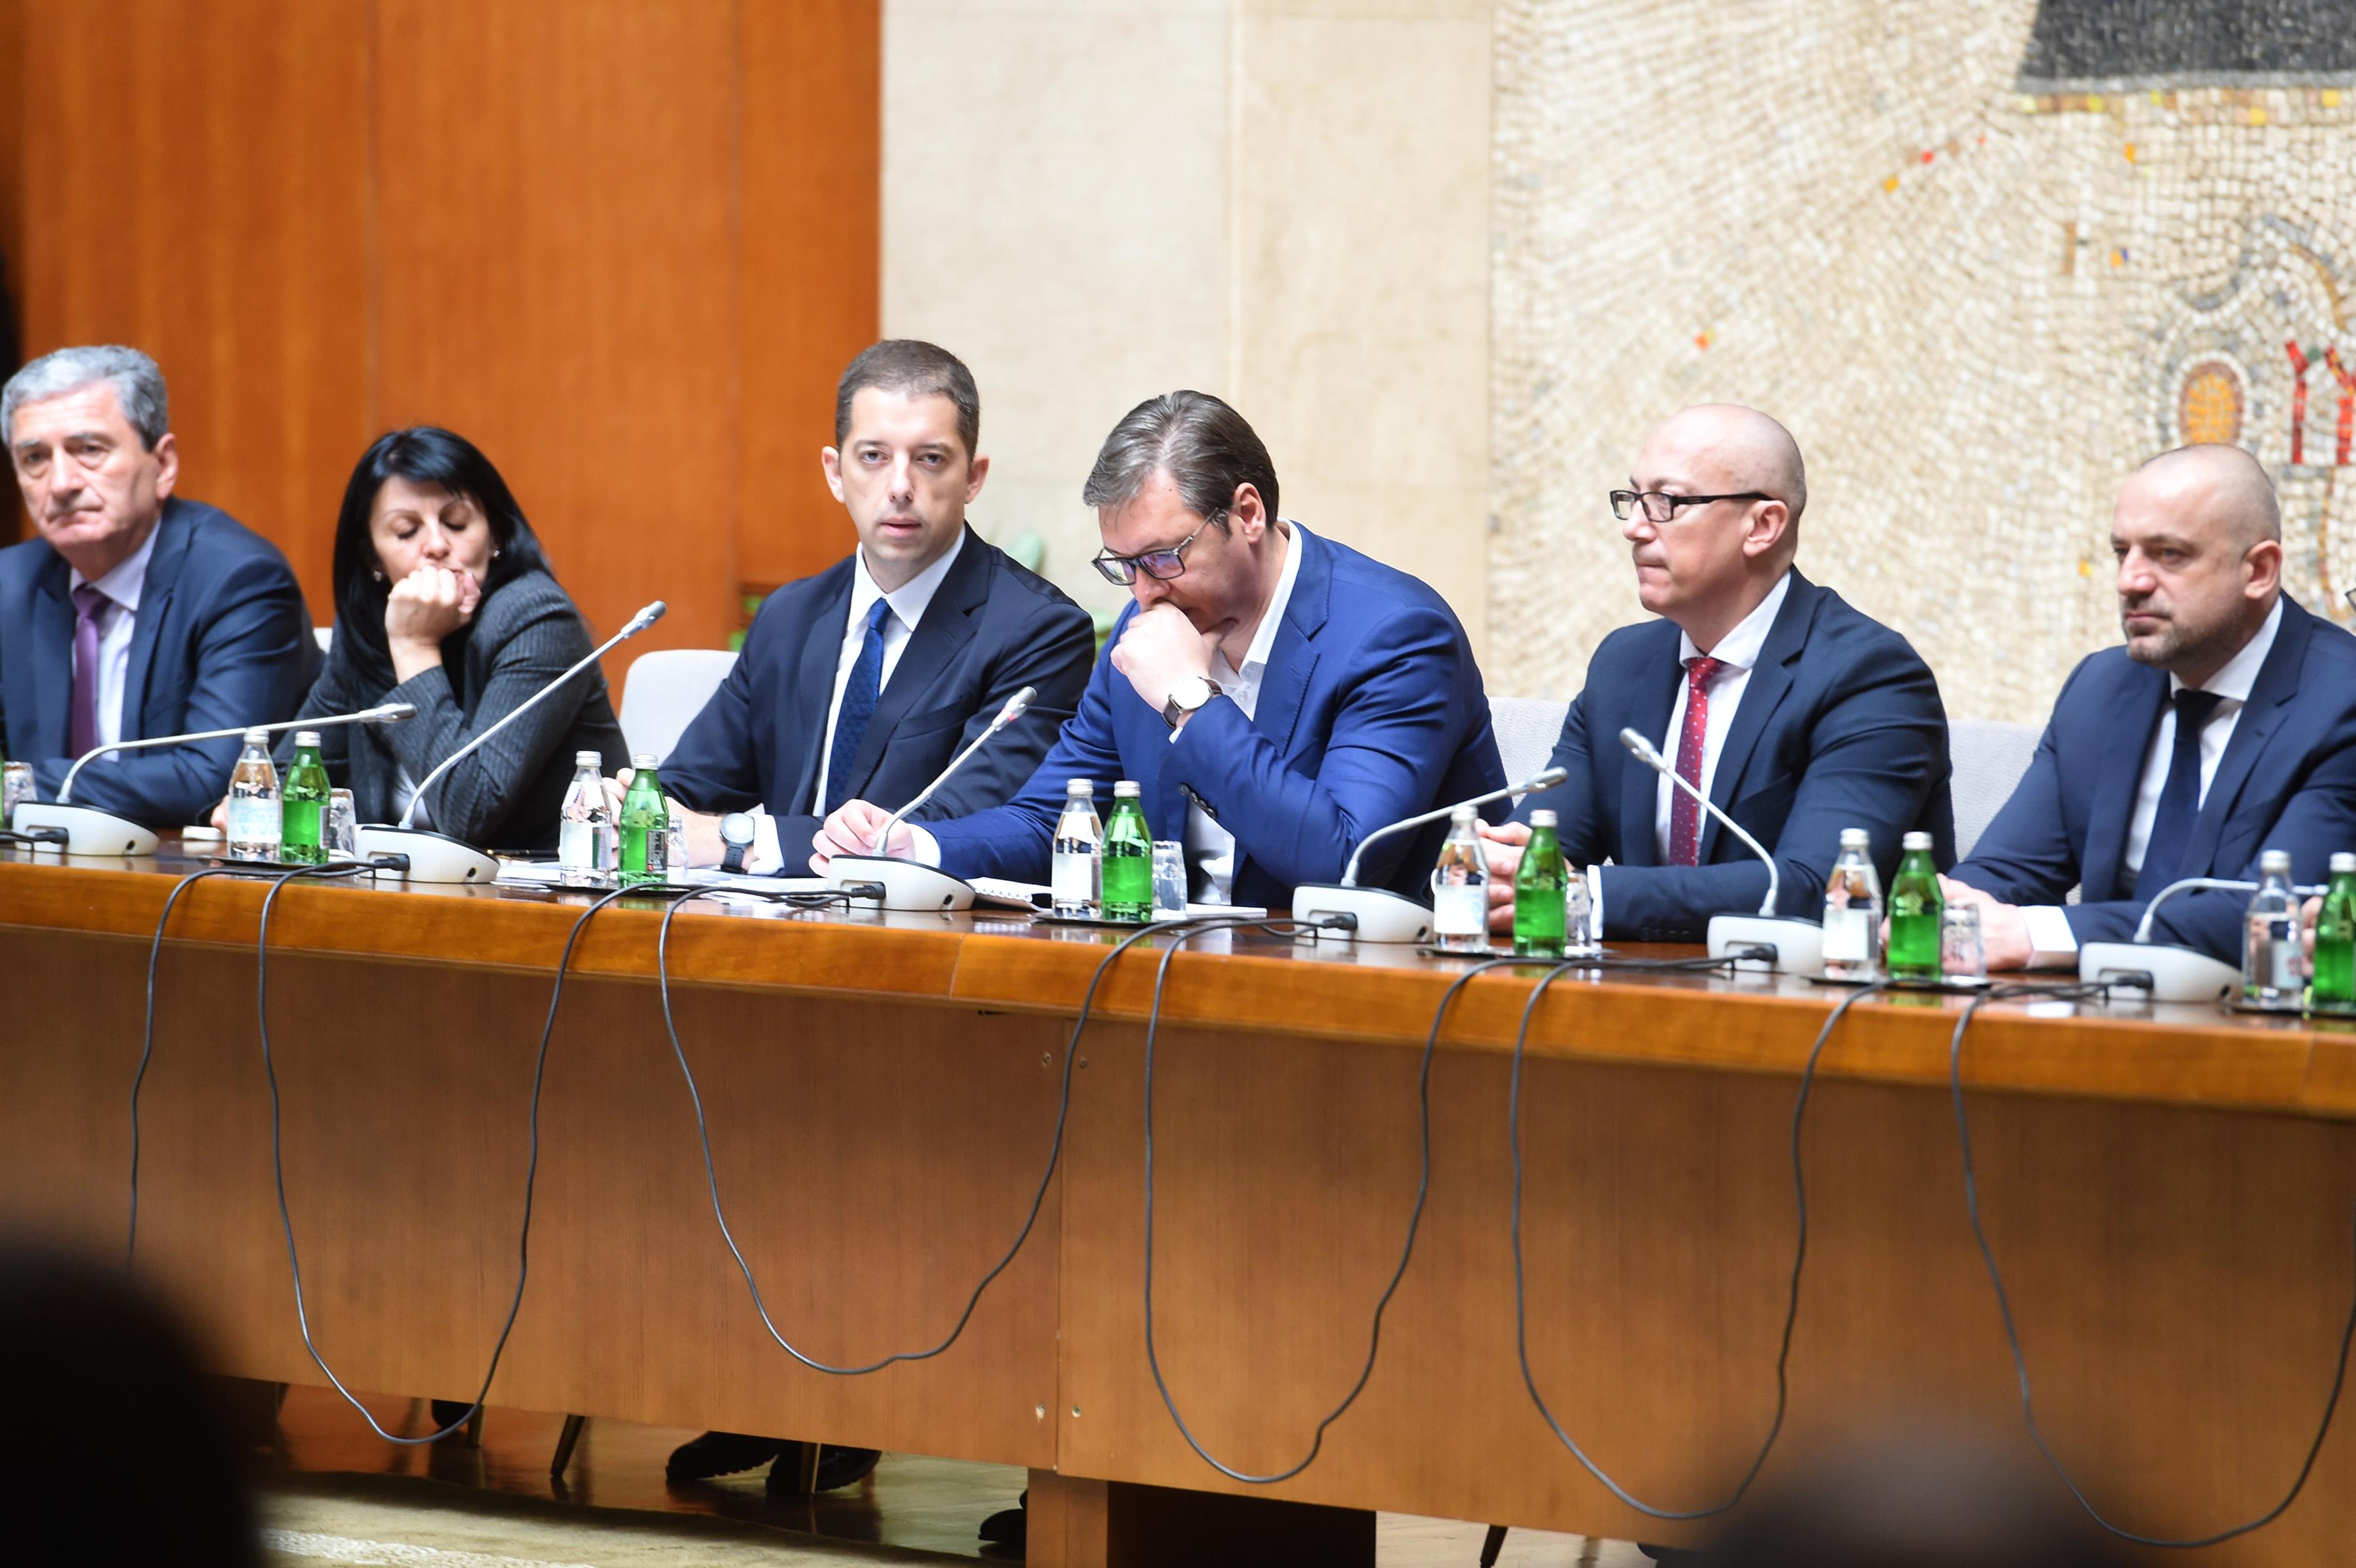 """Sastanku u Palati """"Srbija"""" prisustvuje 137 predstavnika Srba sa celog Kosmeta, kao i direktor Kancelarije za Kosovo i Metohiju Marko Djuric"""